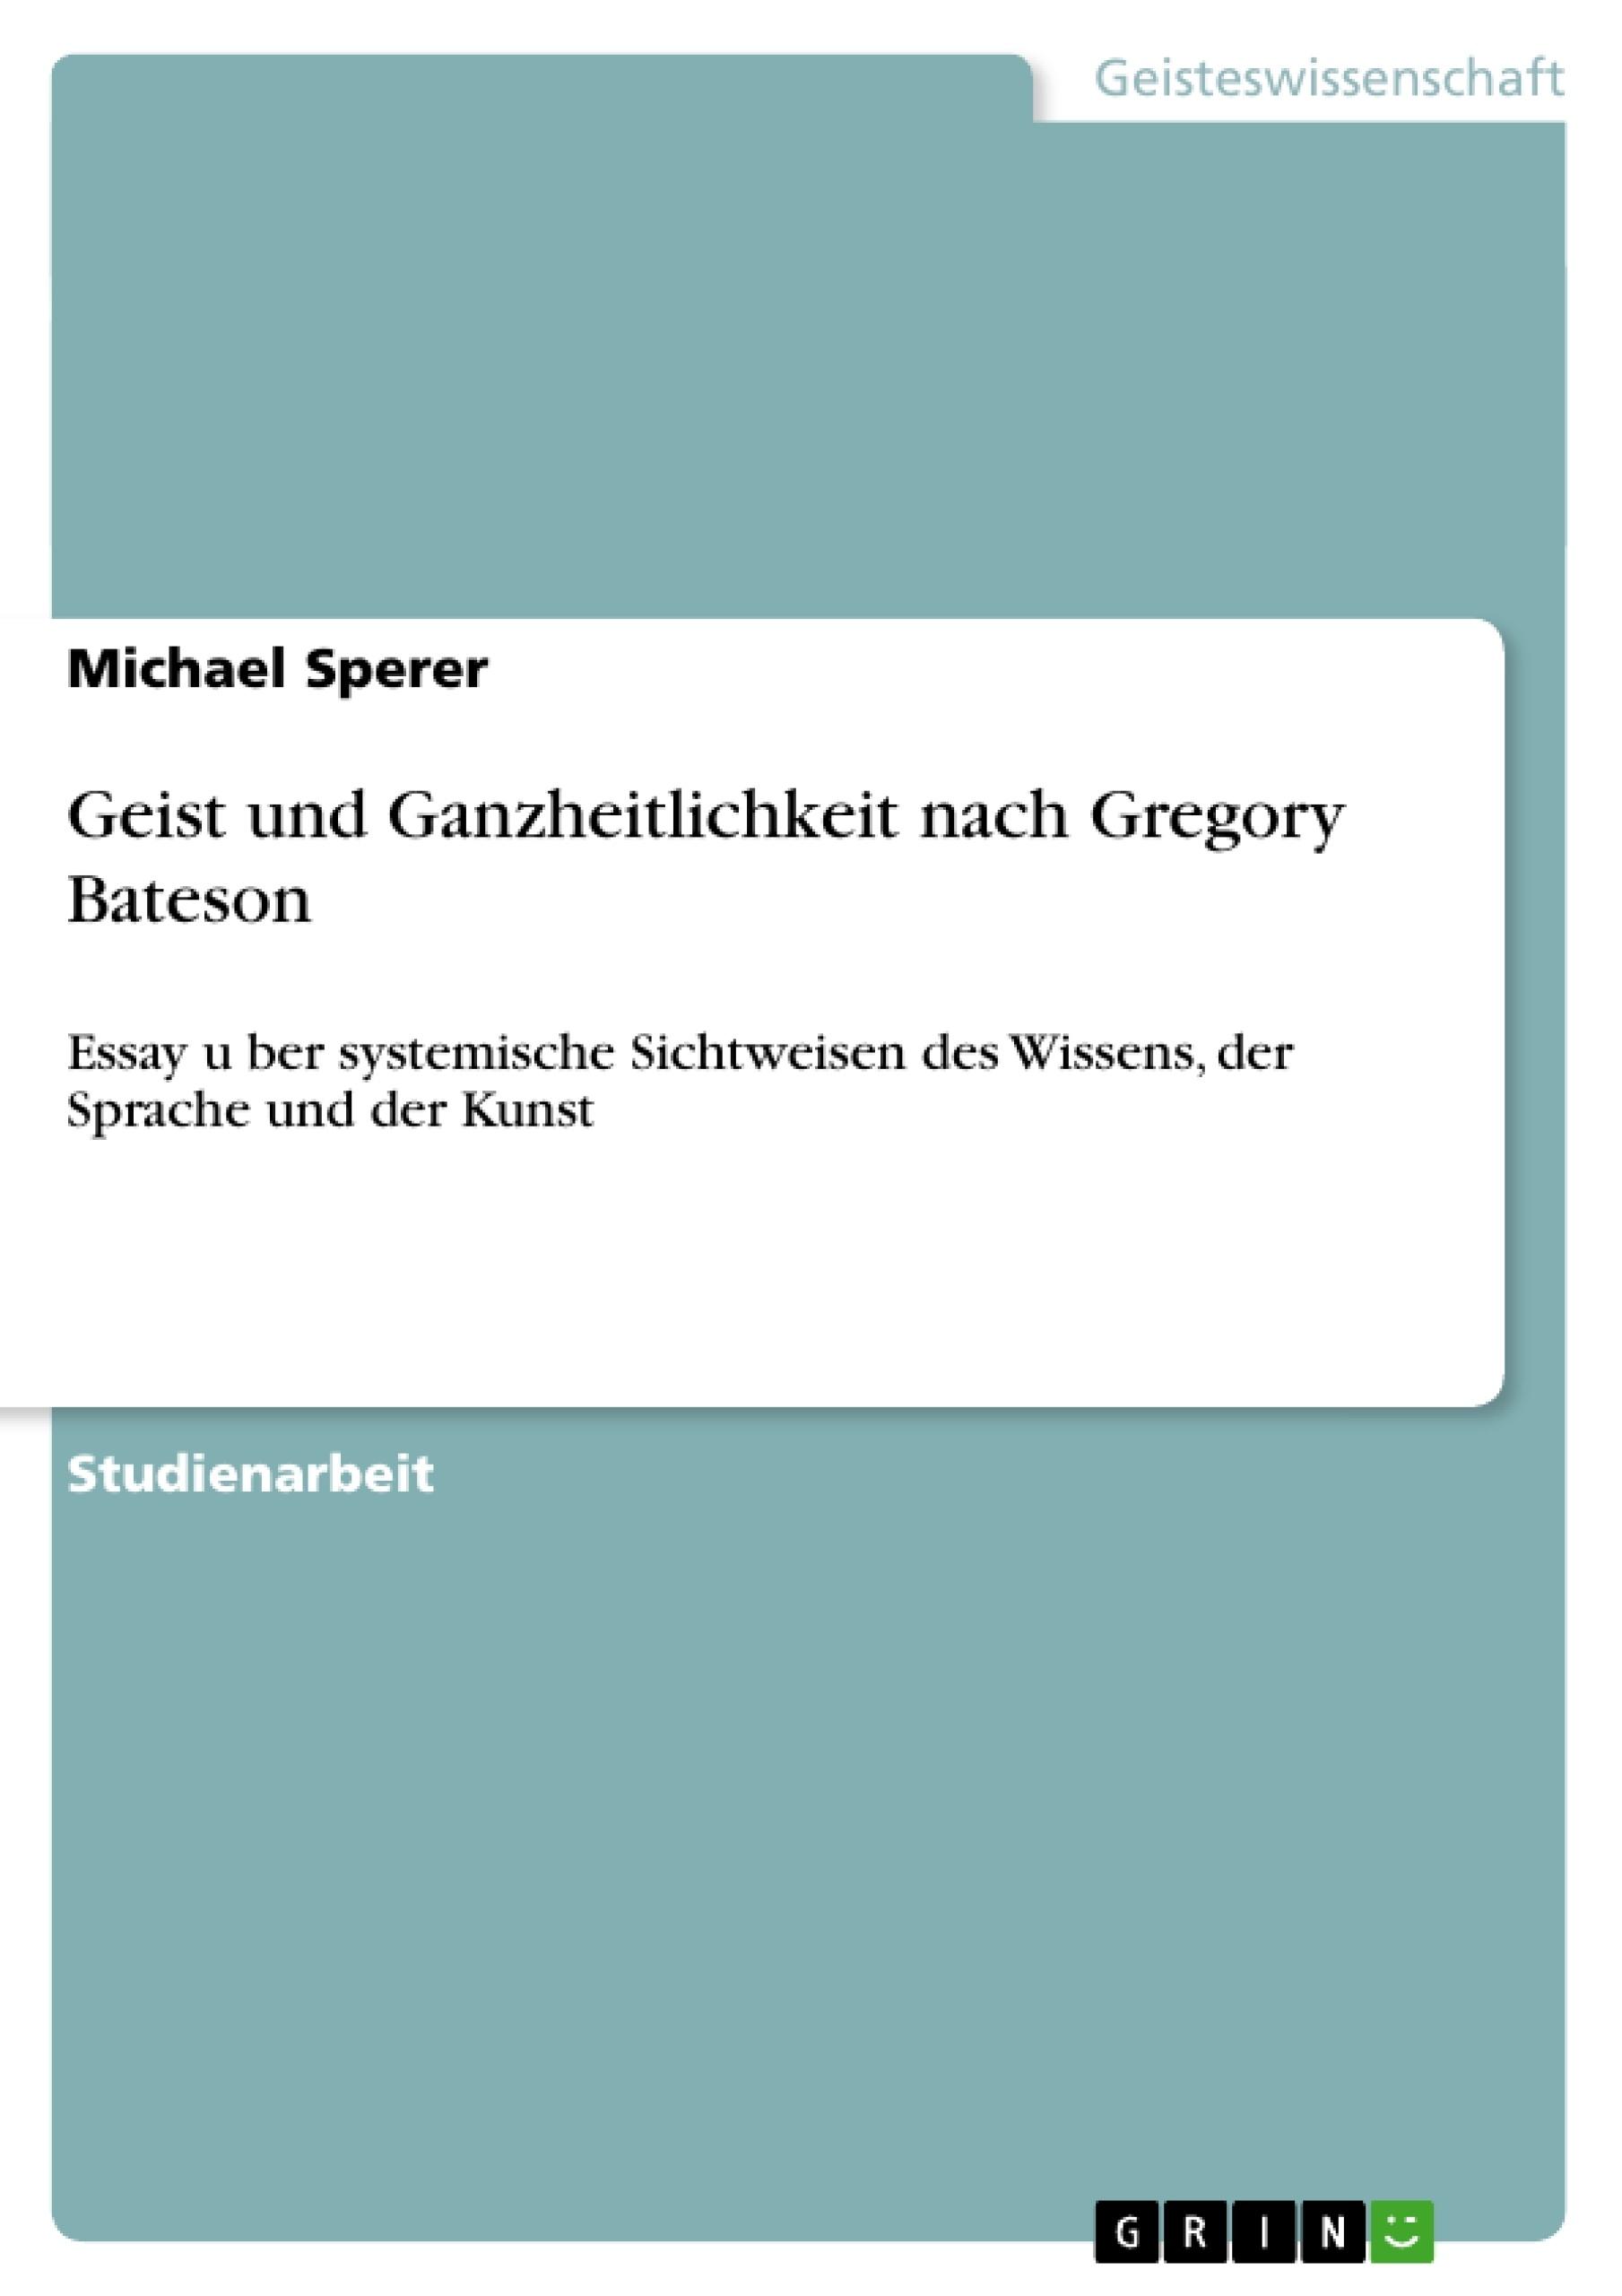 Titel: Geist und Ganzheitlichkeit nach Gregory Bateson